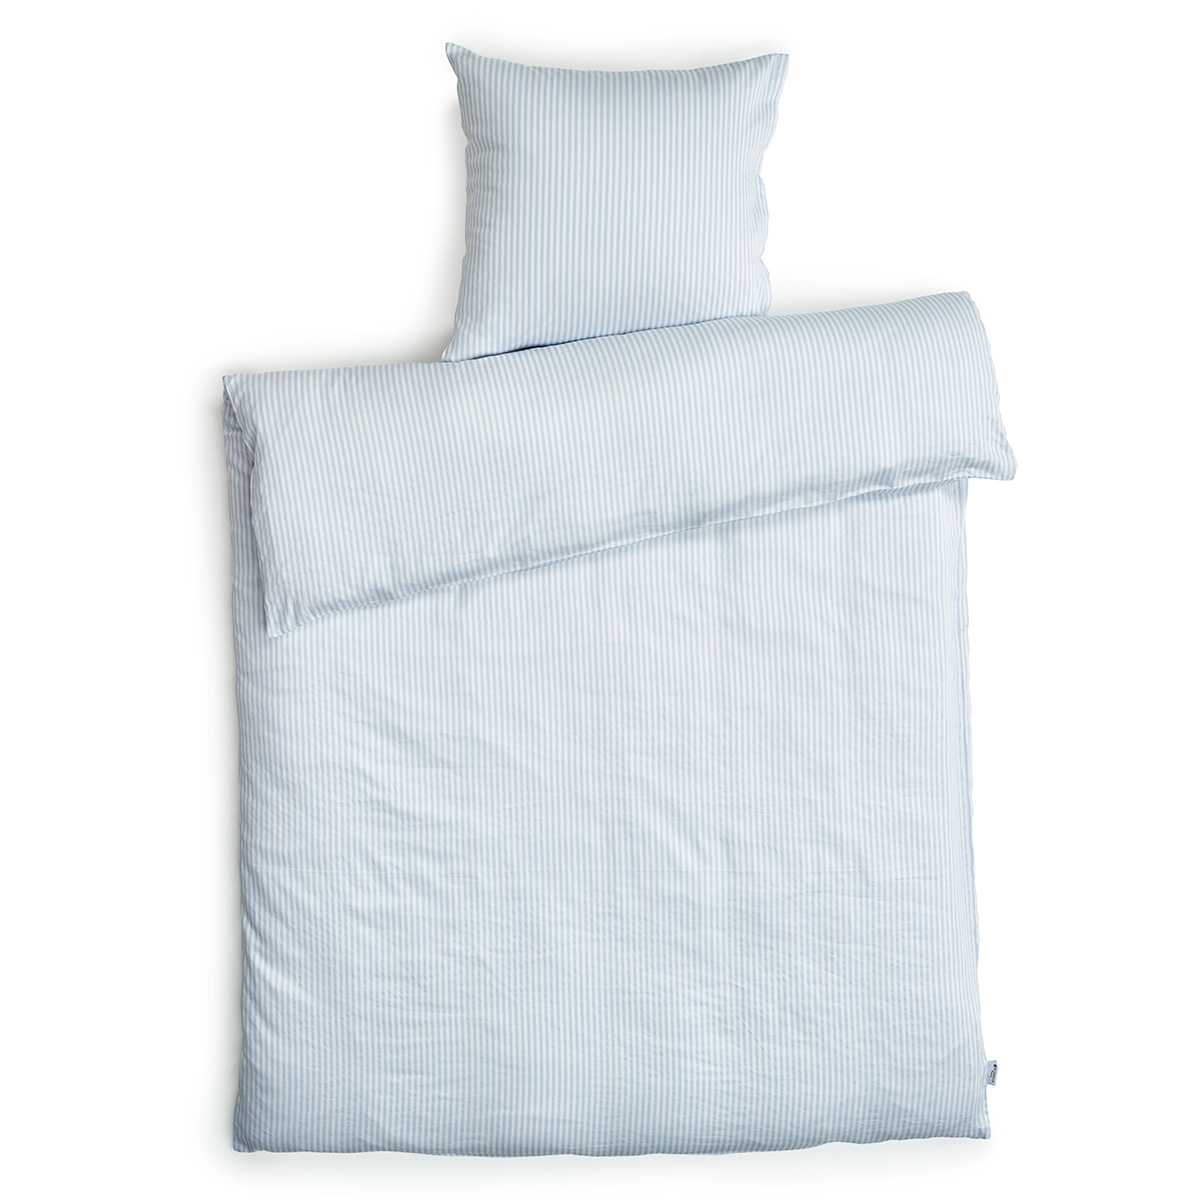 Image of   Redgreen sengetøj - Lyseblå og hvide striber